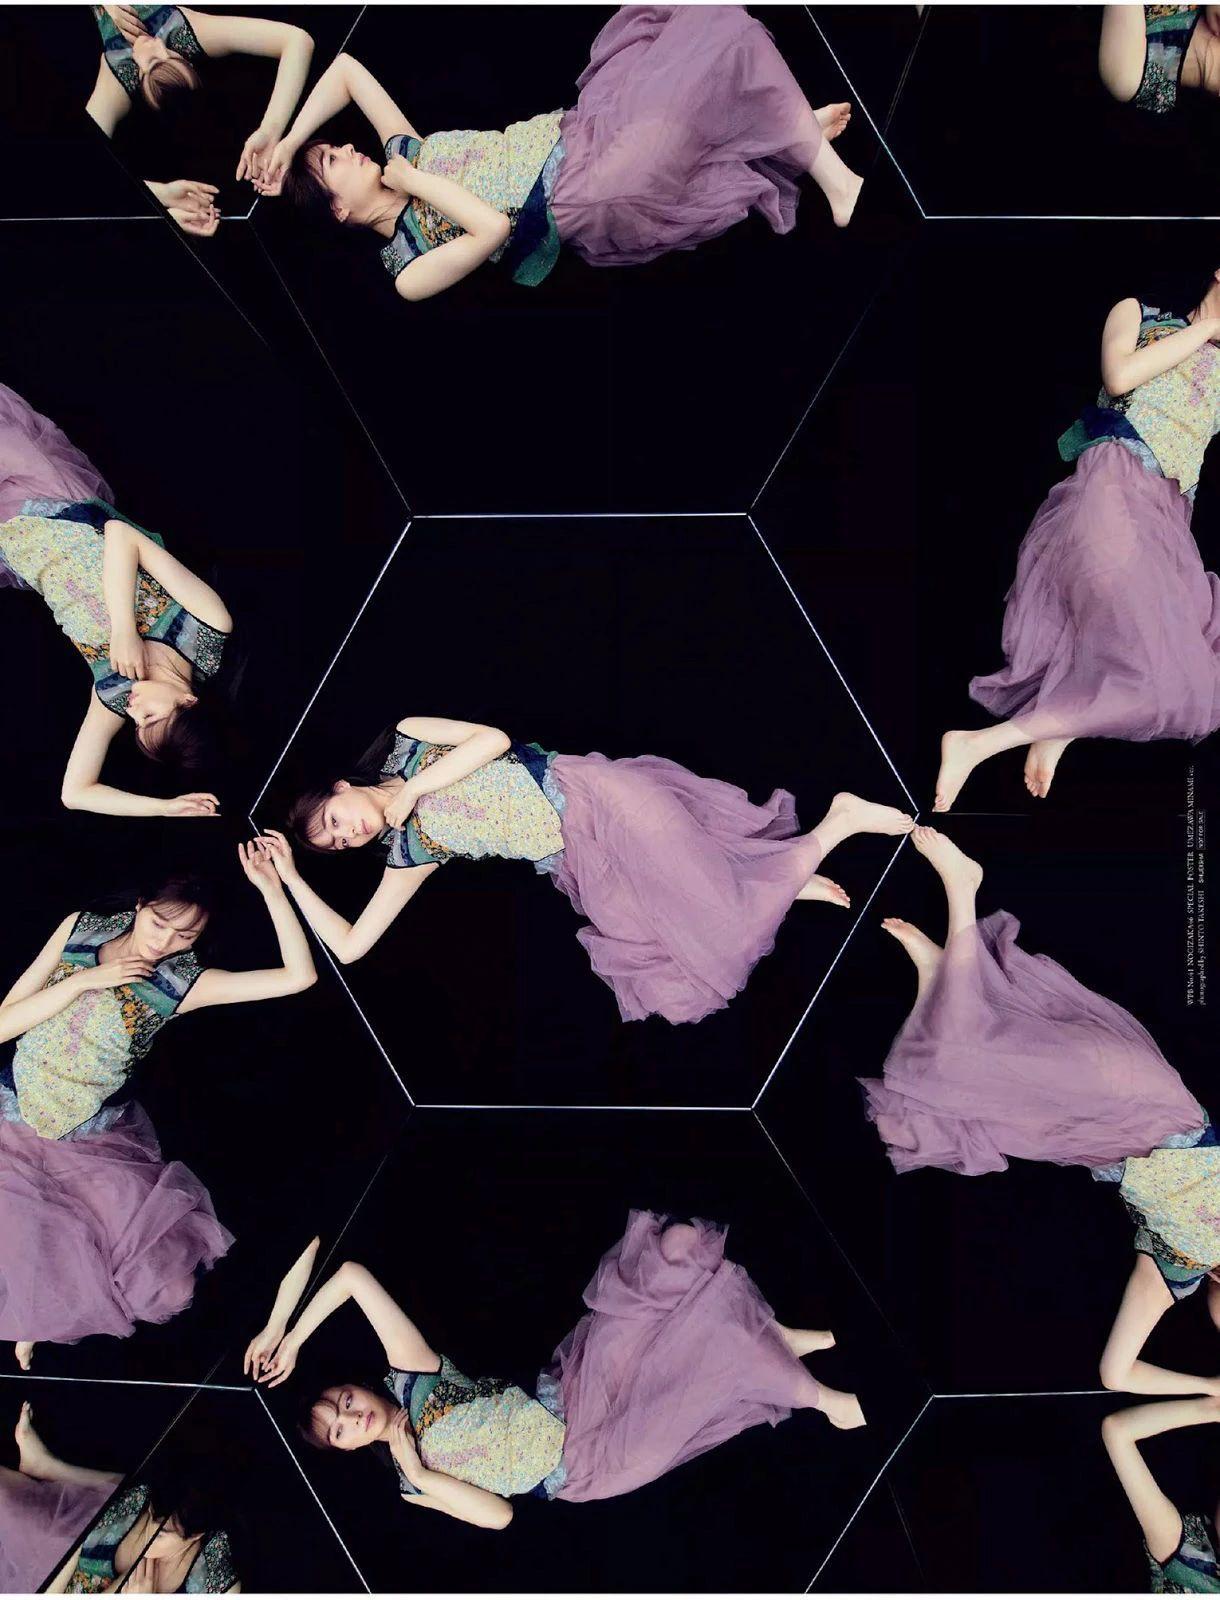 成熟气质与真实年龄不相符的梅泽美波写真作品 (6)